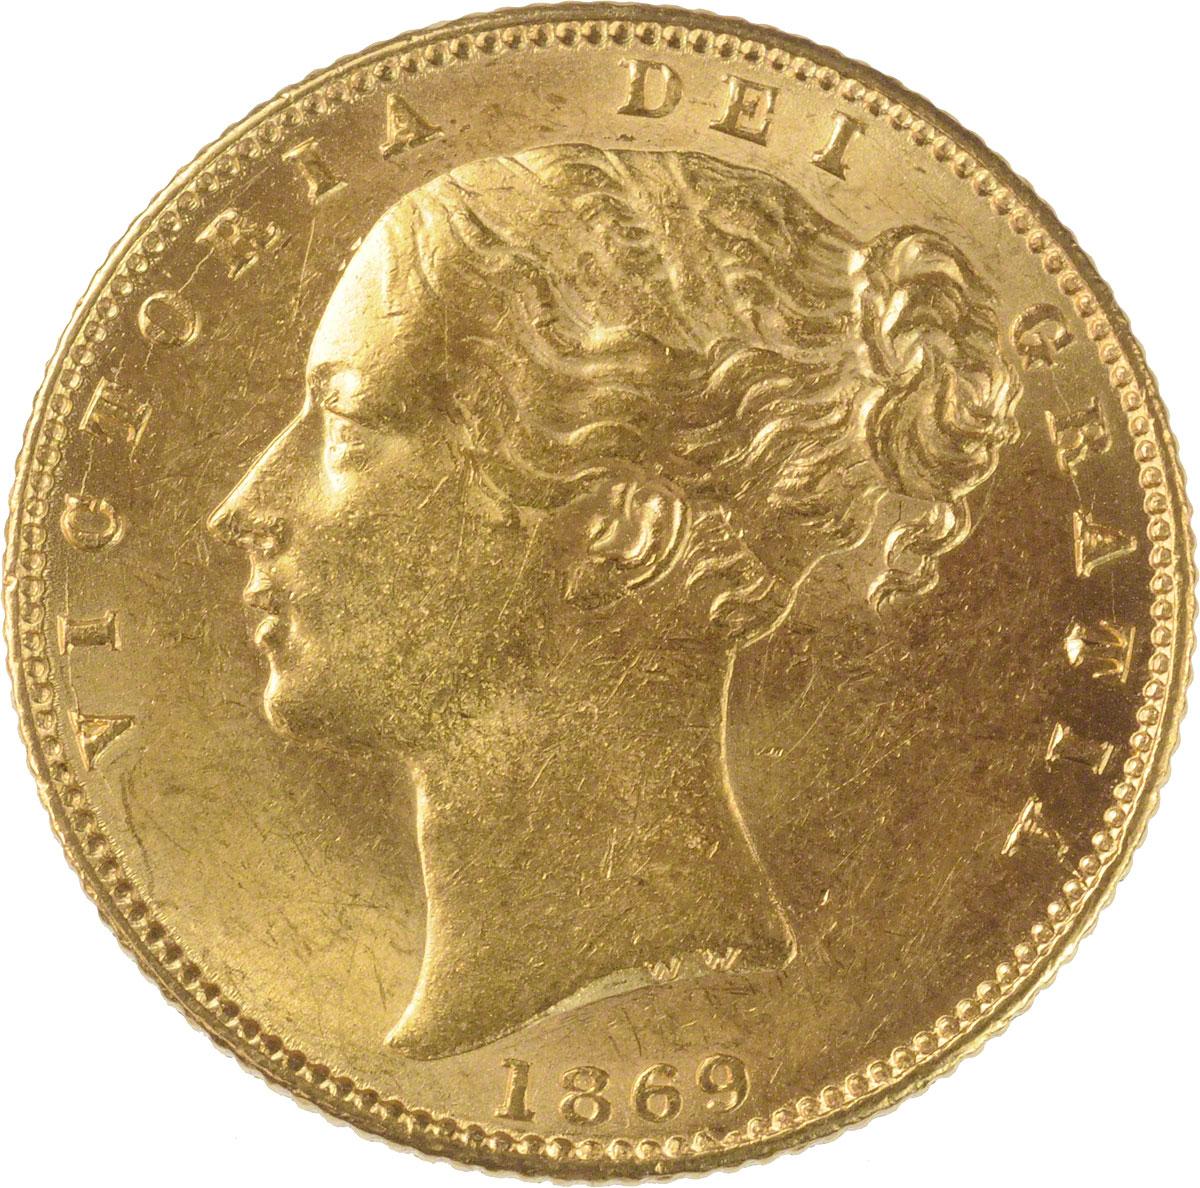 1869 Βικτώρια (Νομισματοκοπείο Λονδίνου)